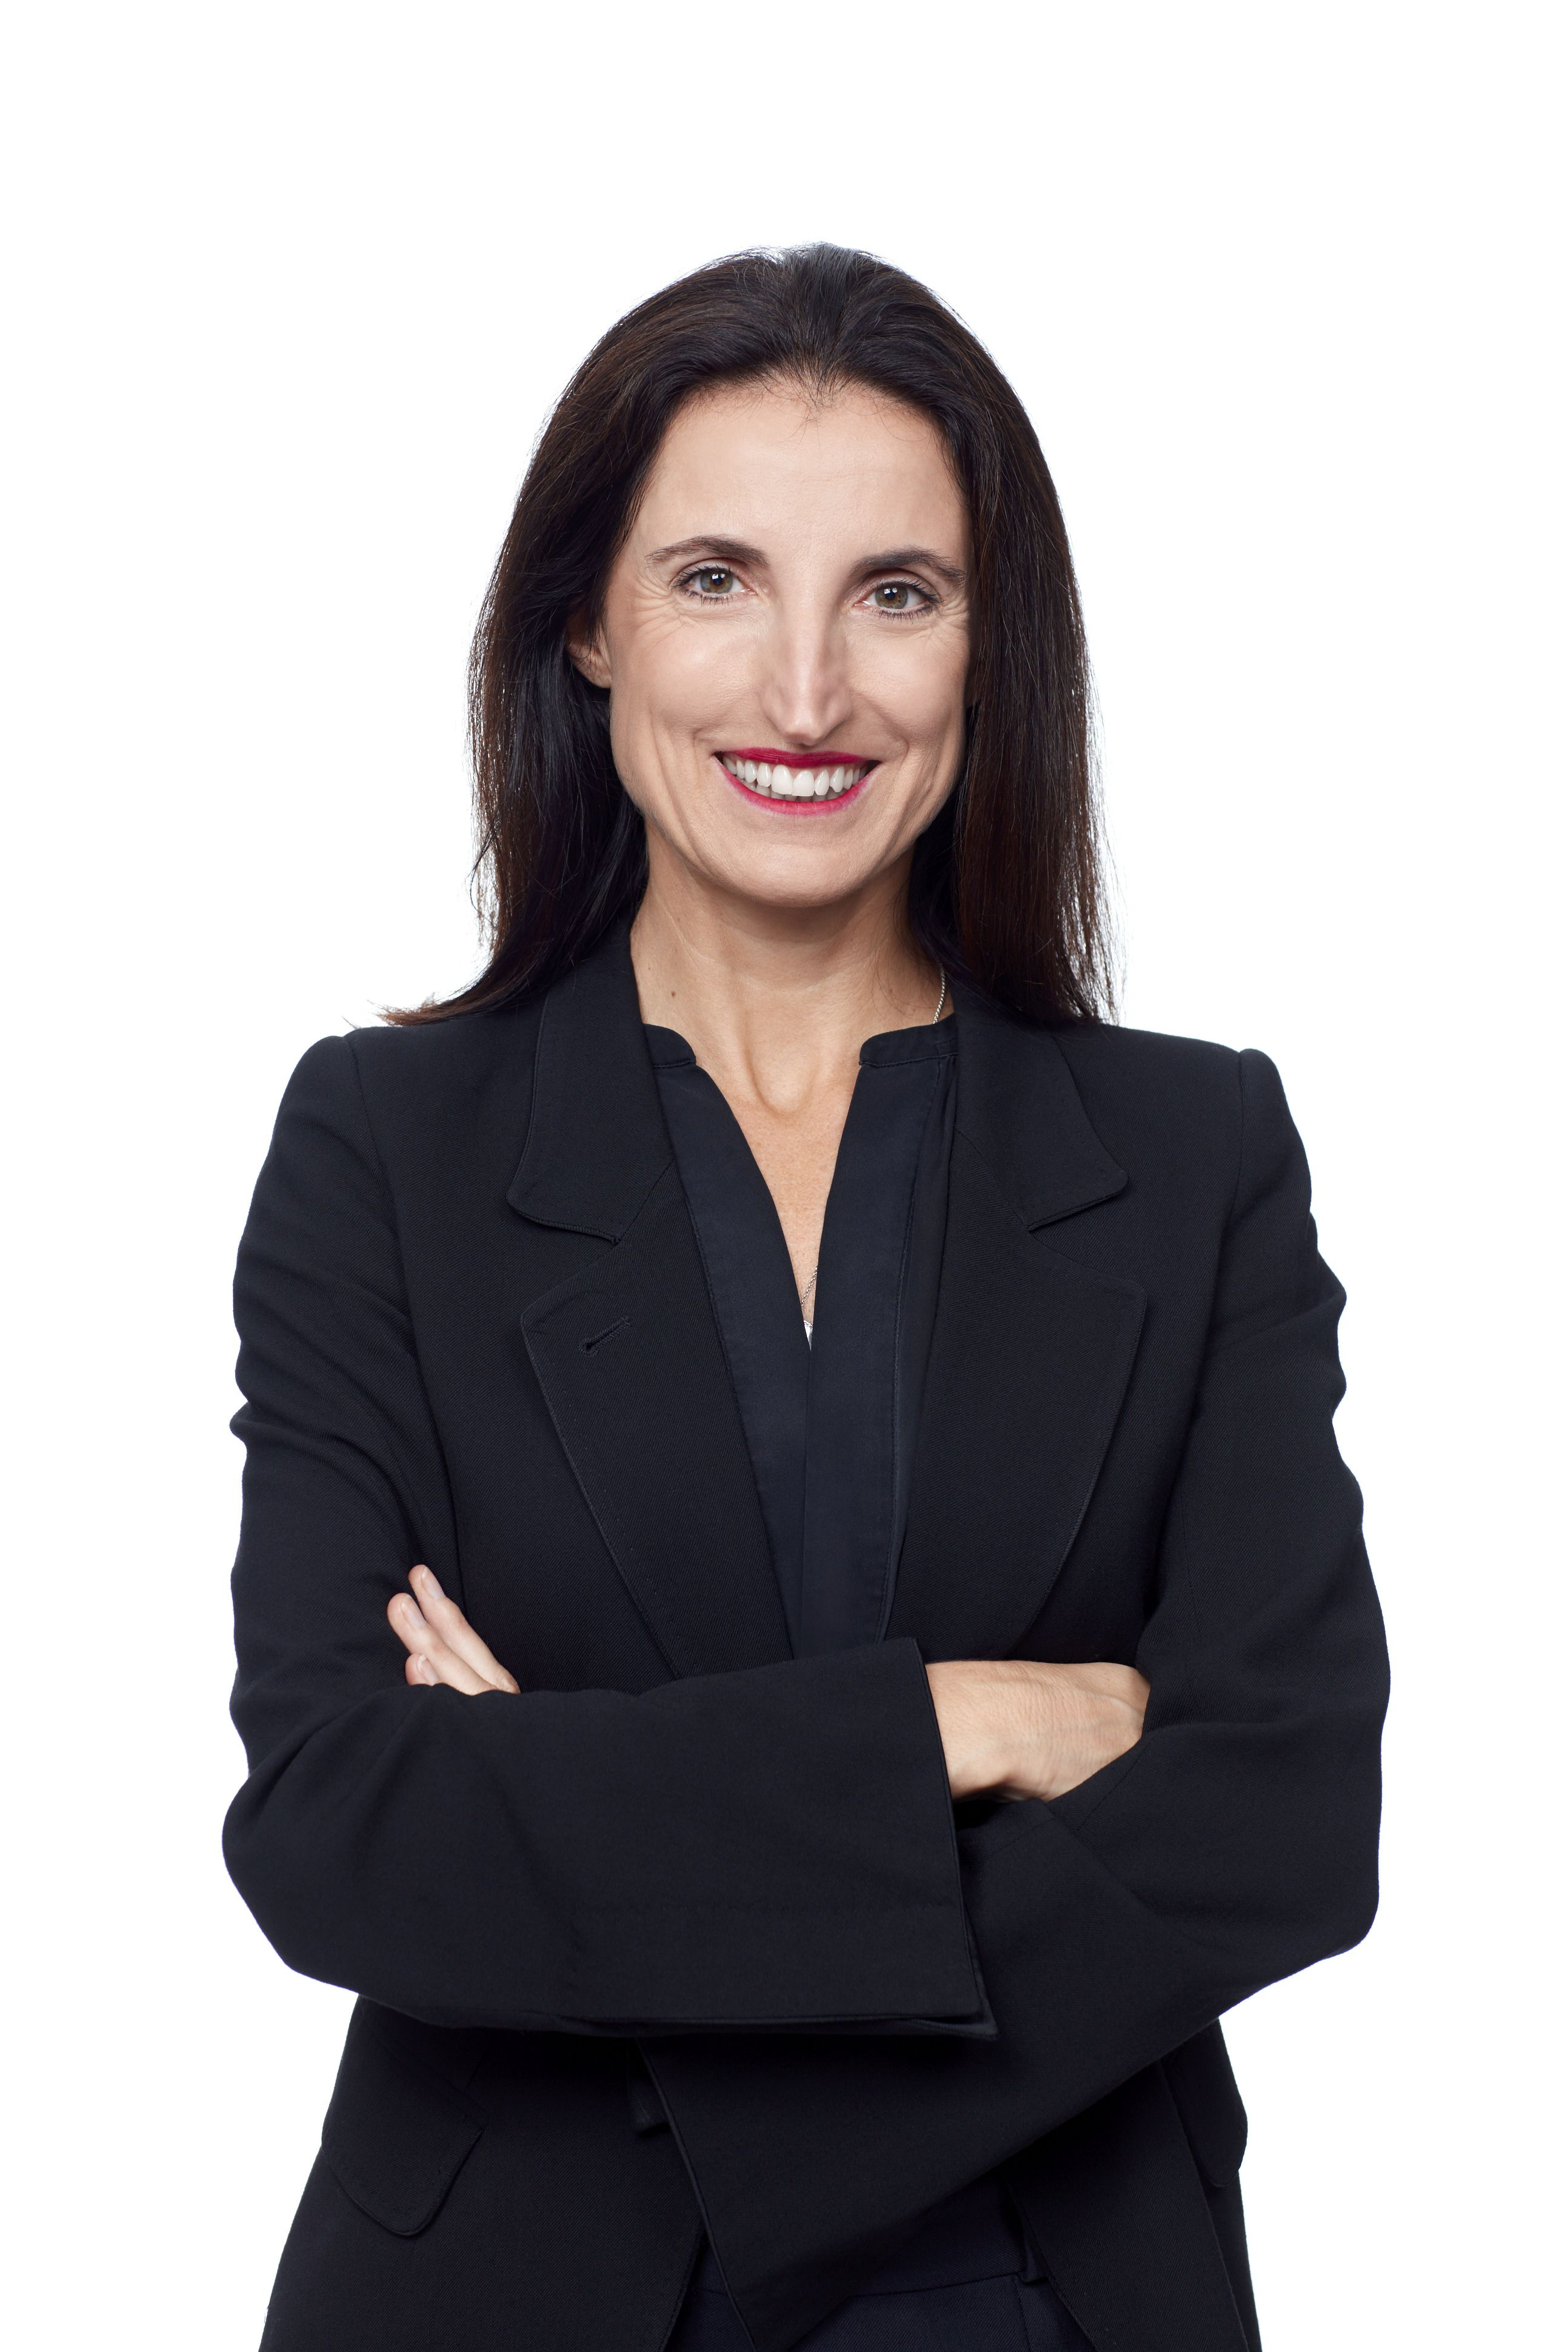 Agatha Kalandra